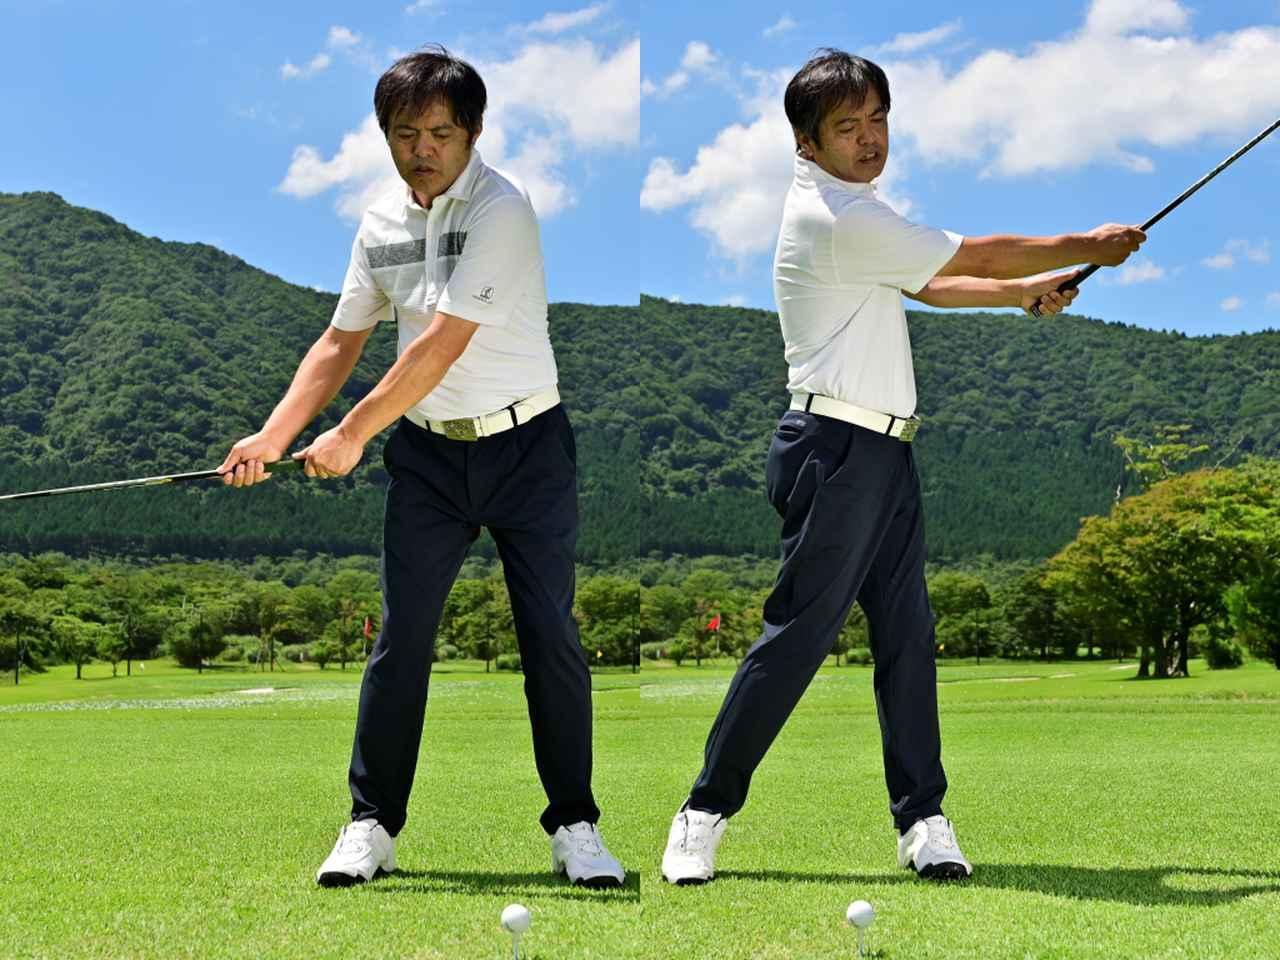 画像: 「スプリットハンドで握り、肩の入れ替えで腰から腰までクラブを動かせば『体の回転』、『左わきの締まり』、『右腕の伸び』が体感できる」